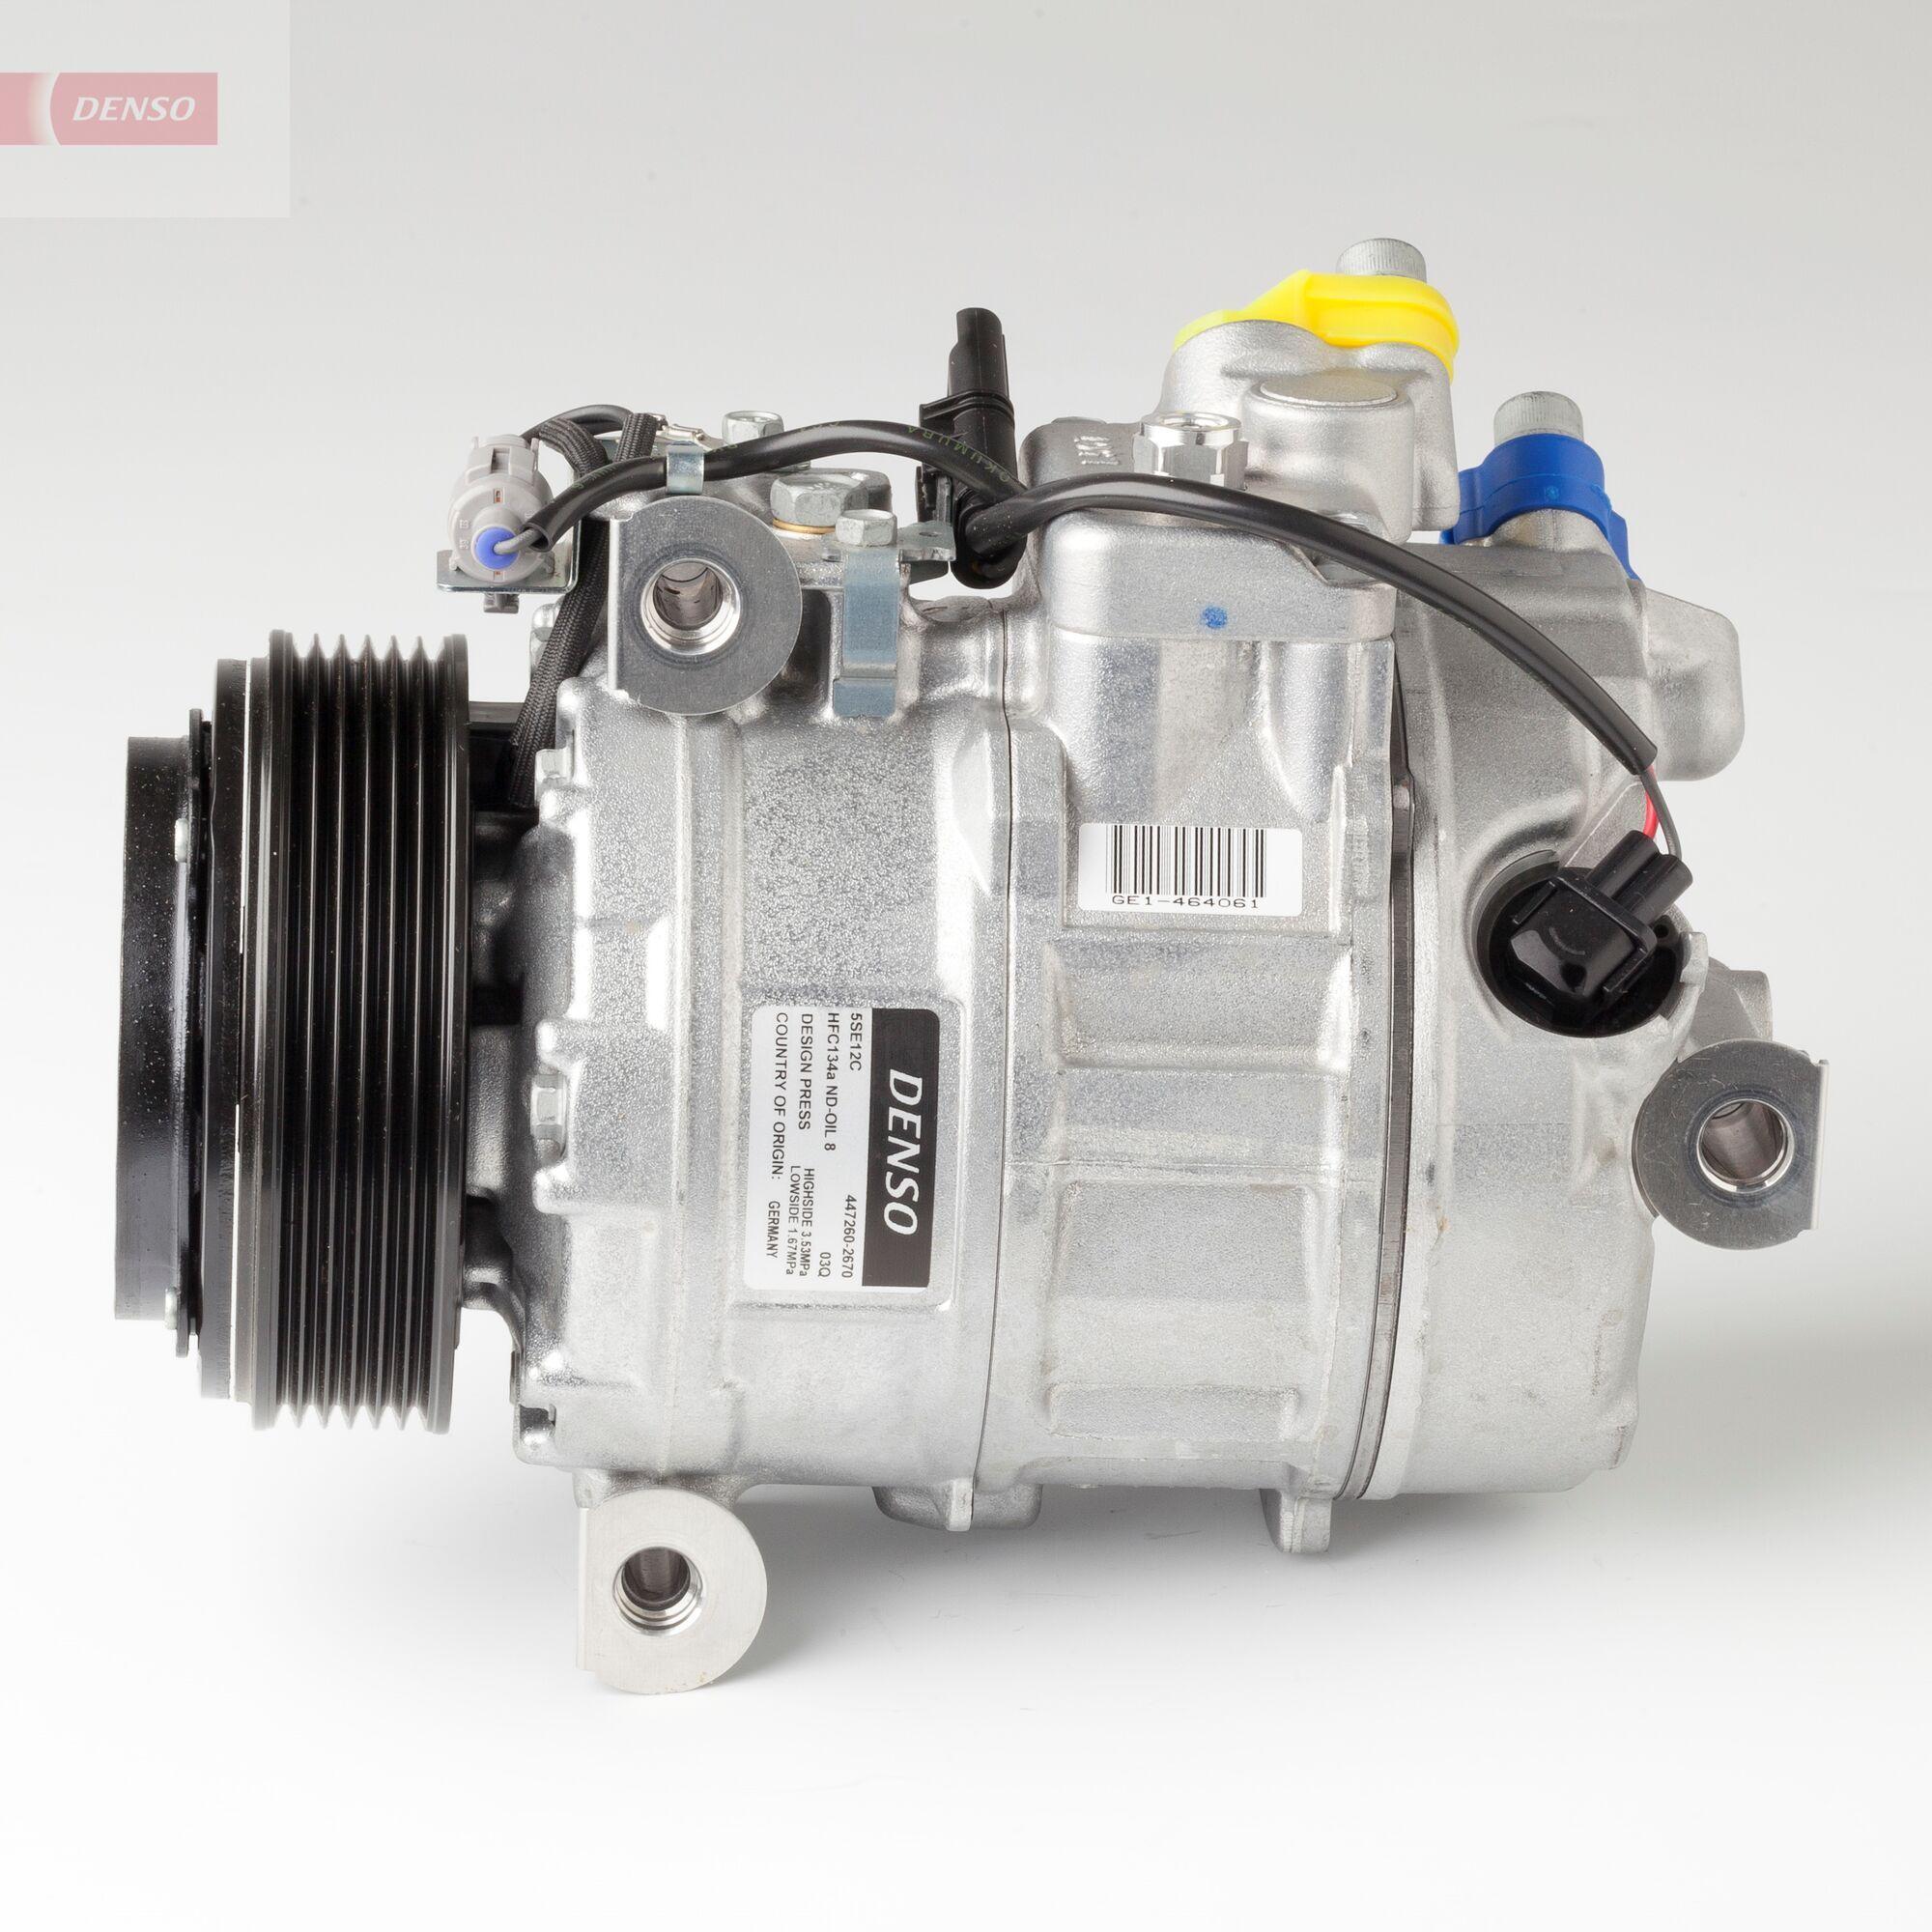 koop Airco compressor DCP05093 op elk moment